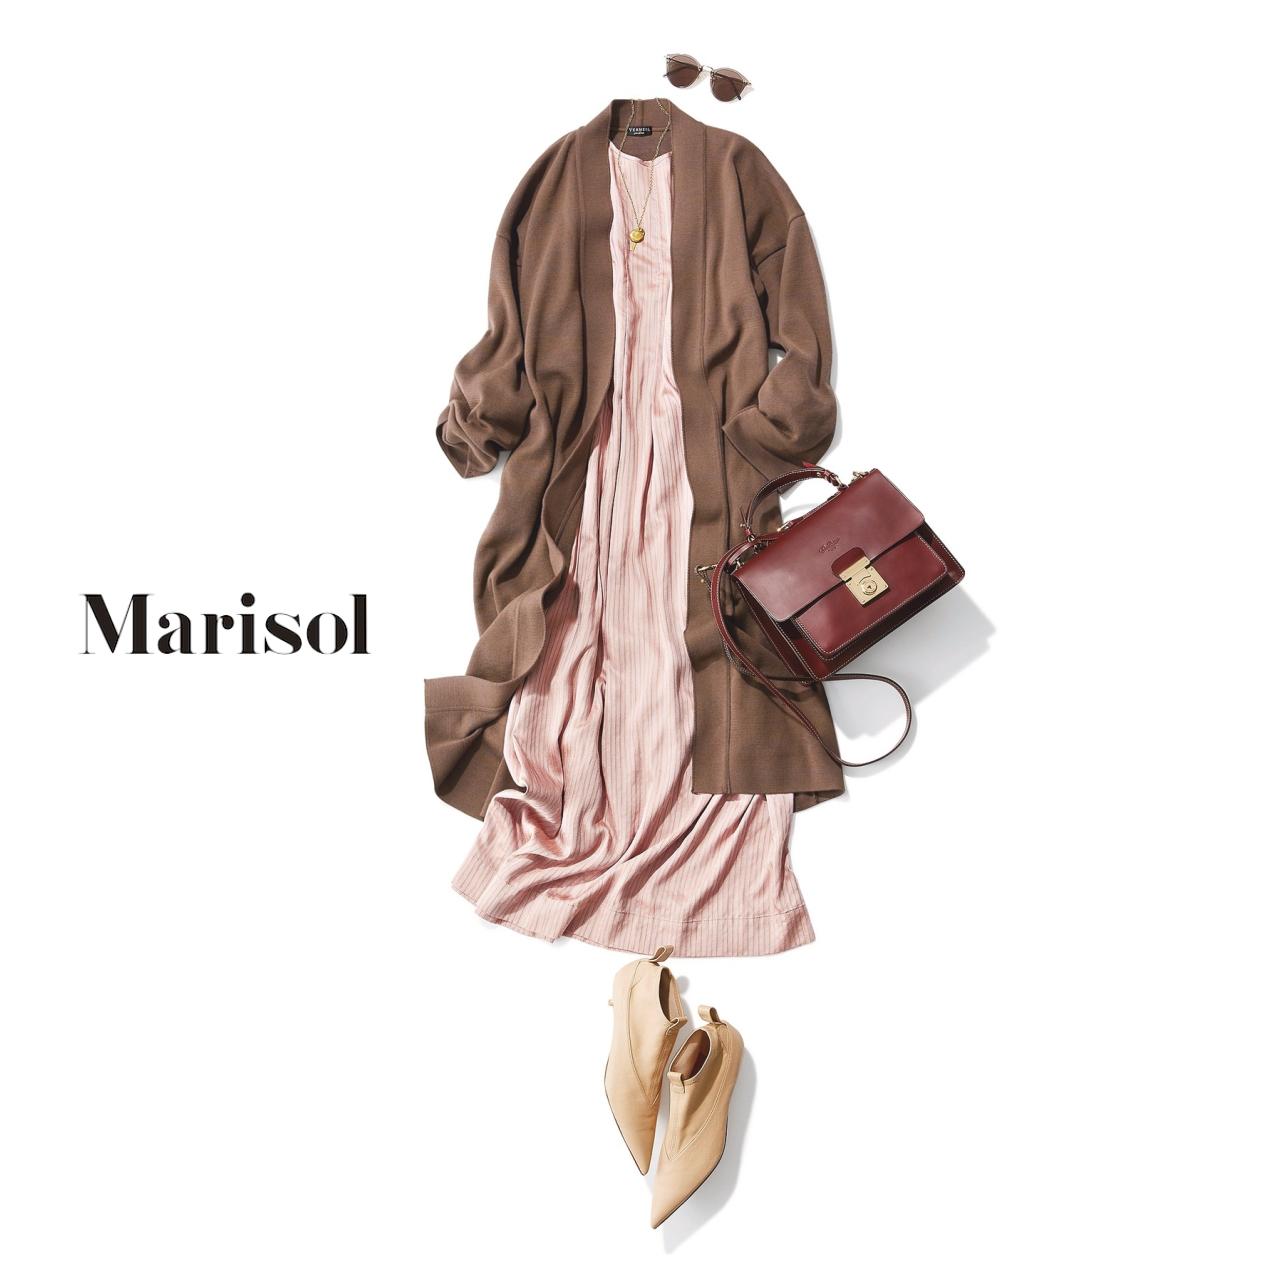 40代ファッション ピンクワンピース×ブラウンロングカーディガンコーデ